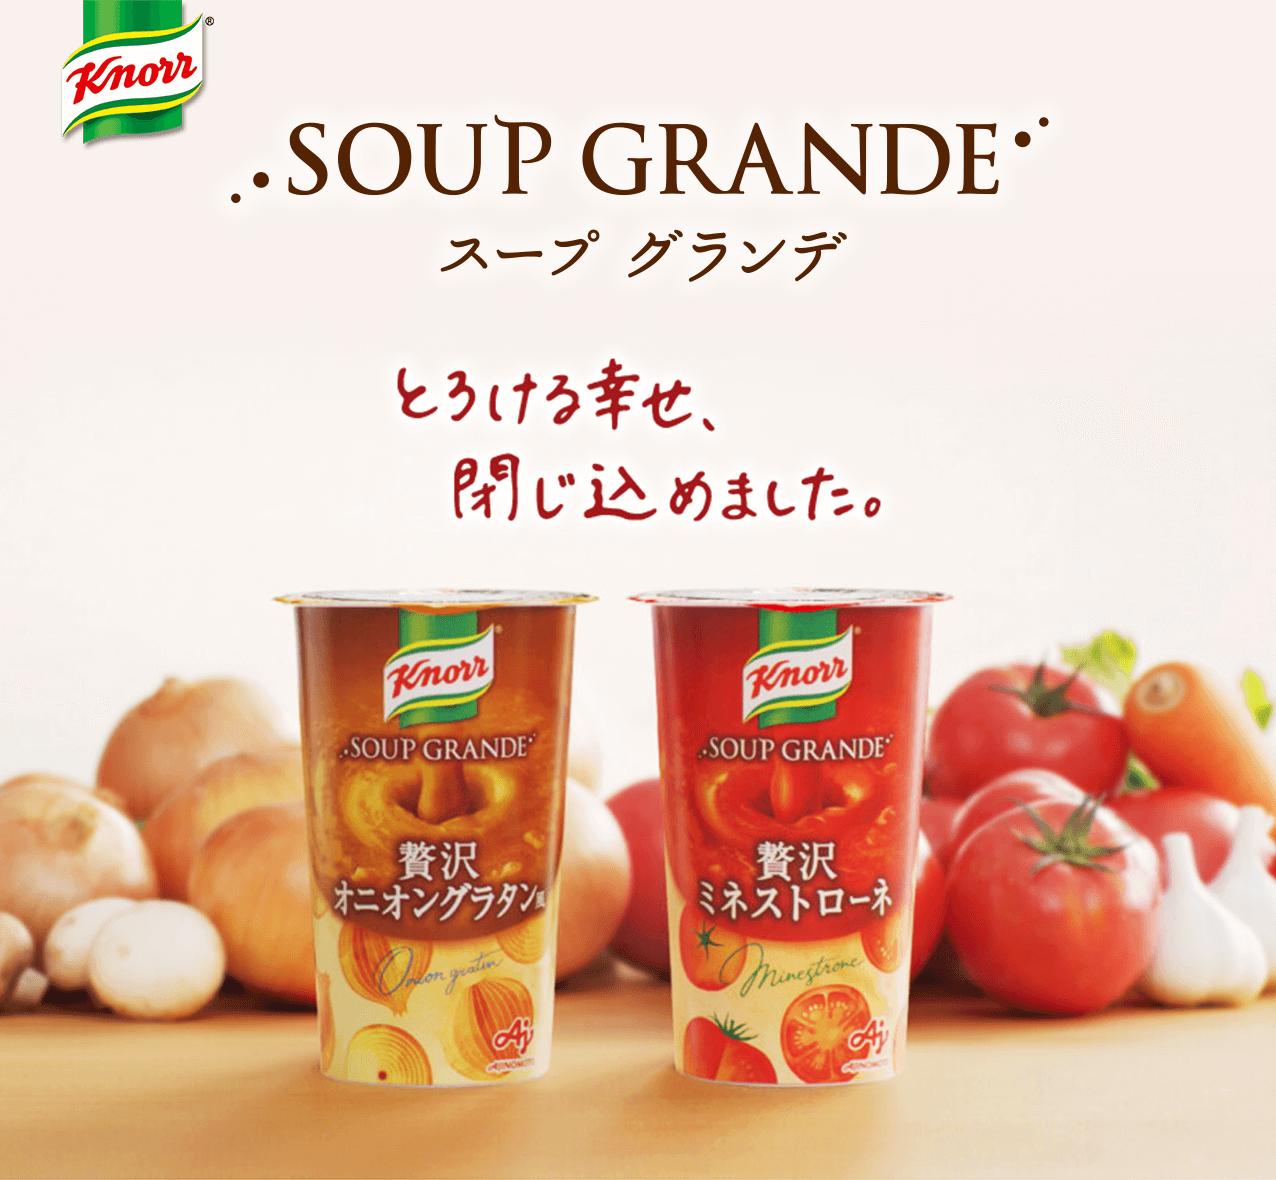 トマト スープ クノール カップ